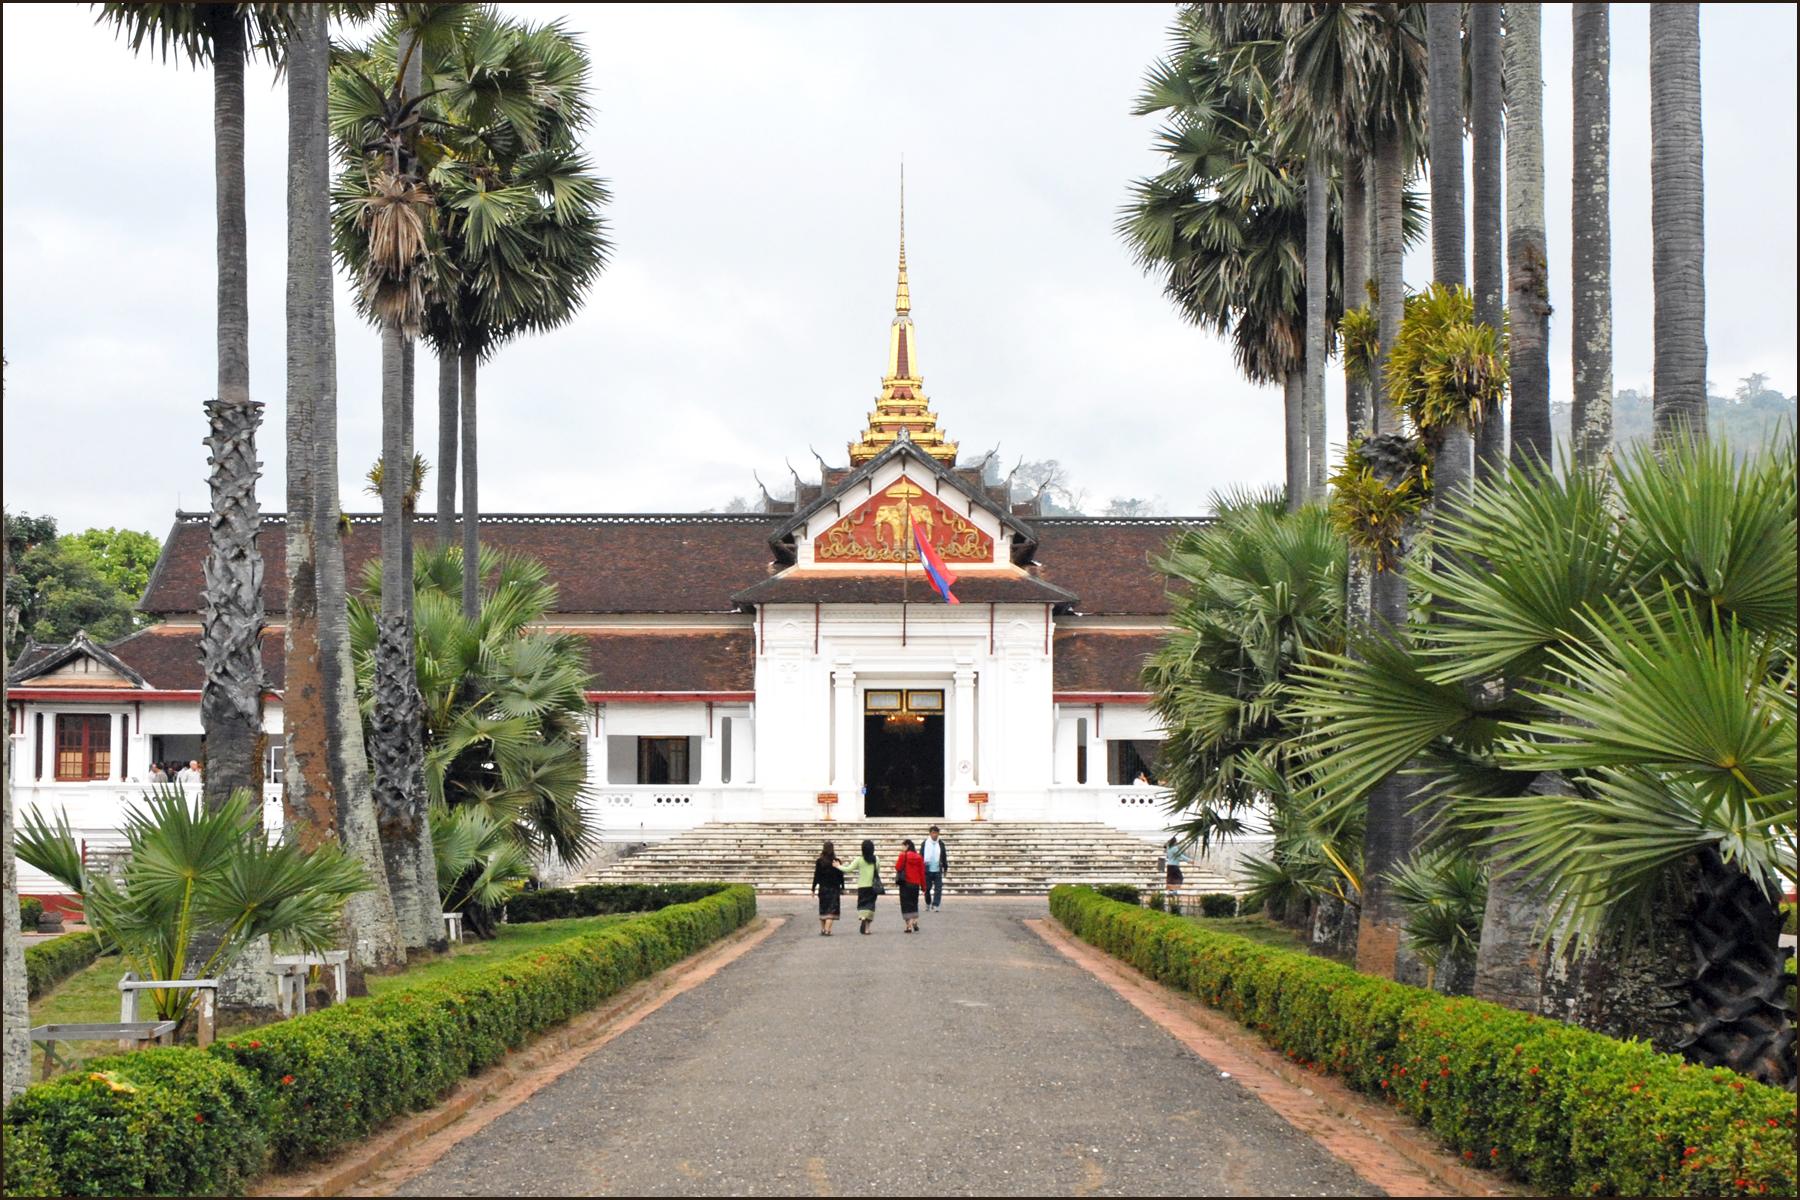 Musée national Luang Prabang